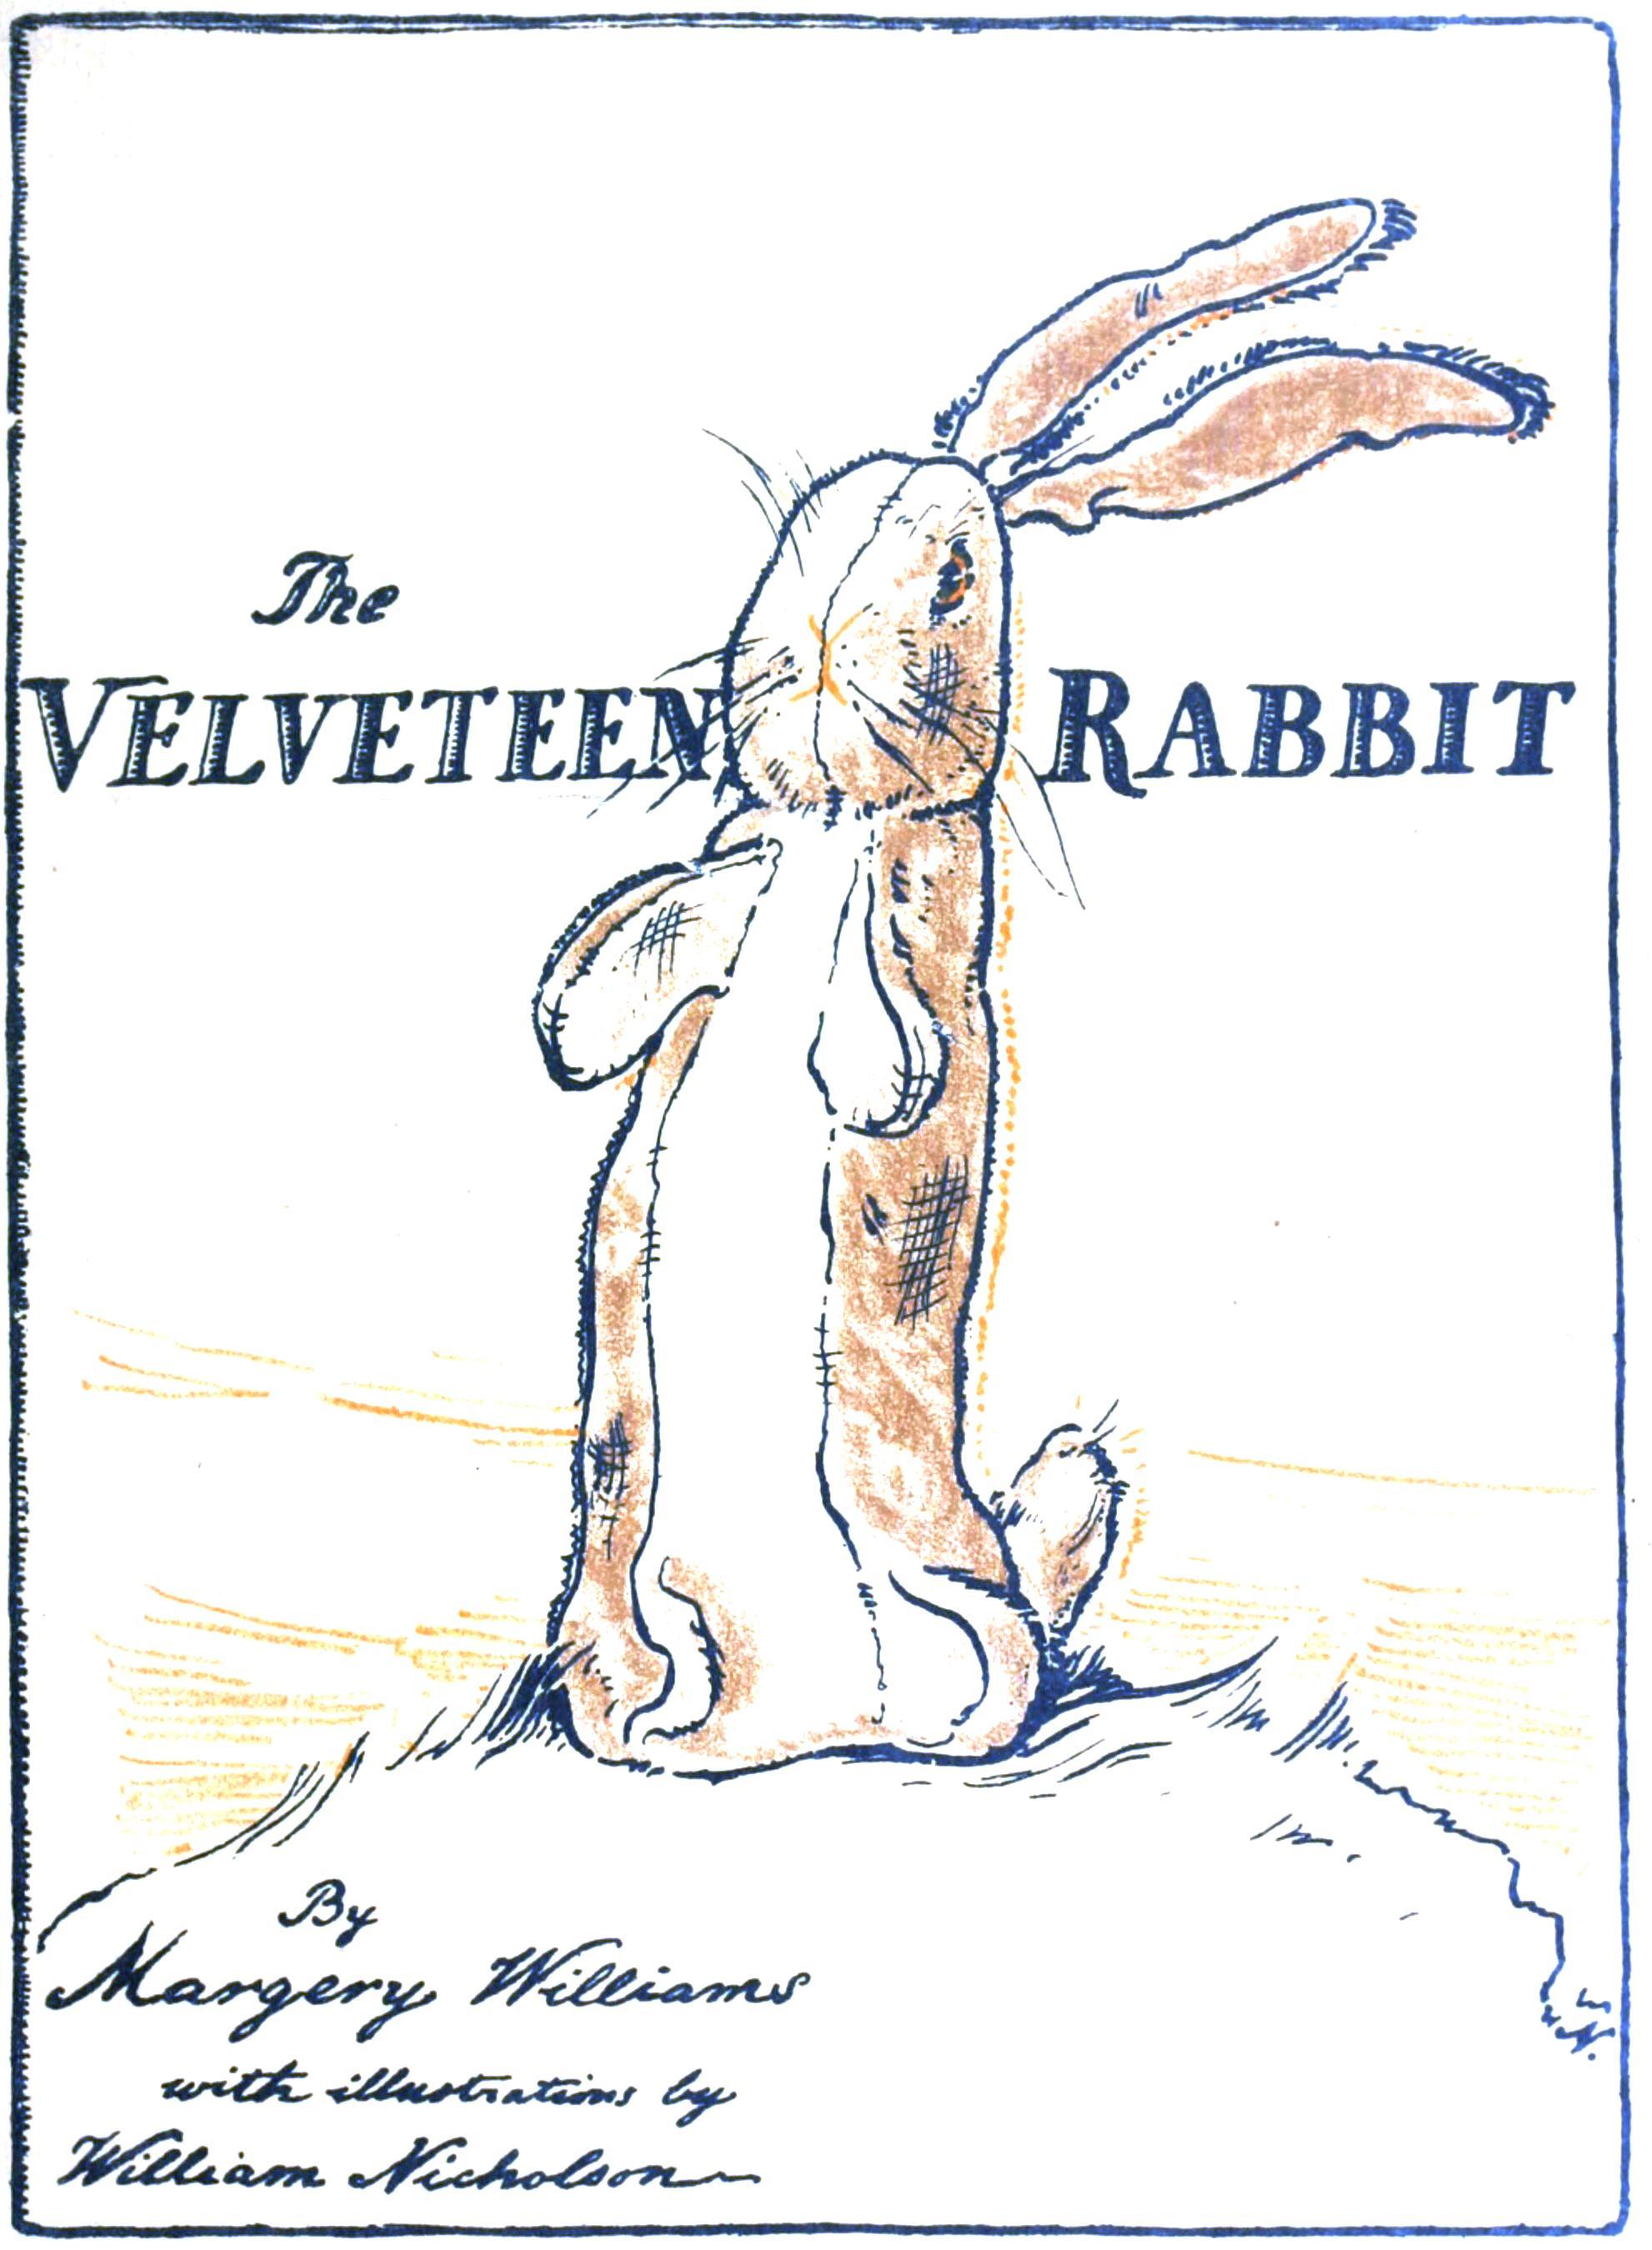 The_Velveteen_Rabbit_pg_1 (1)